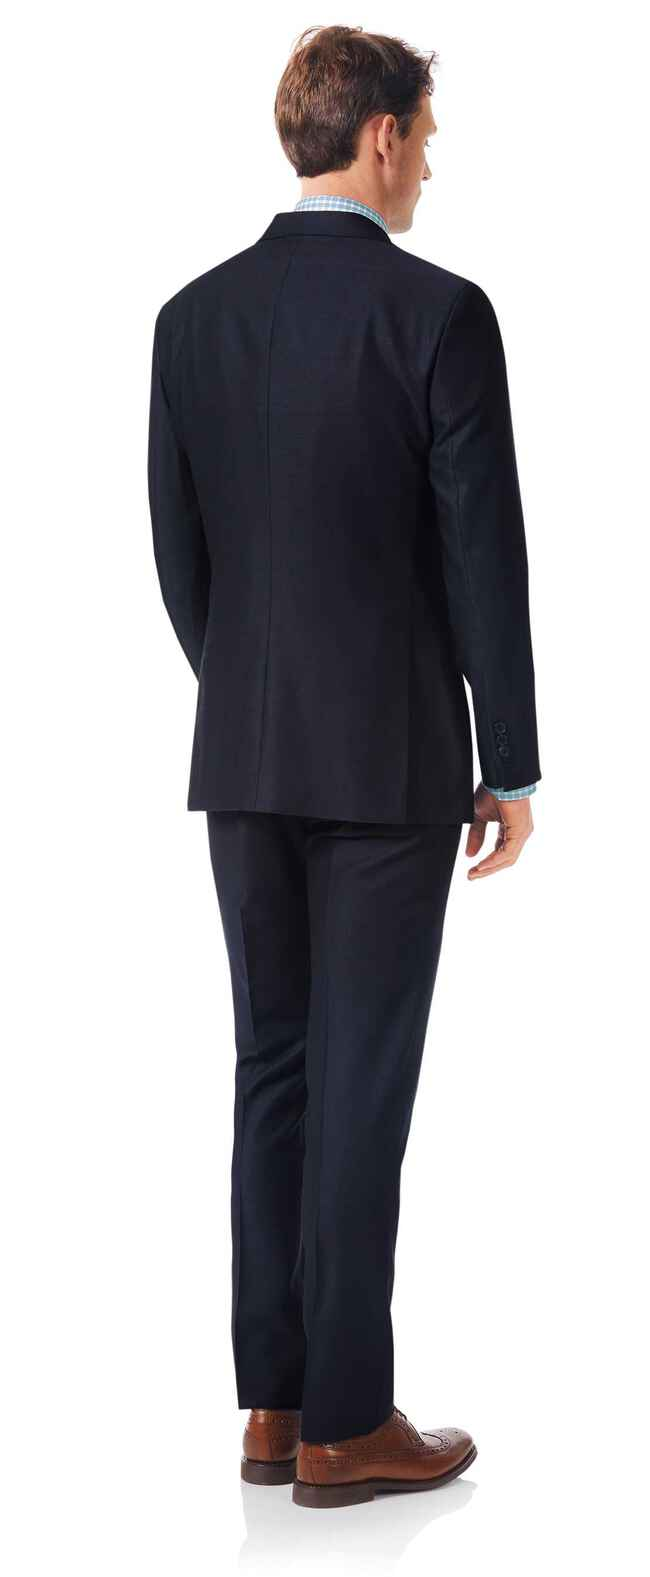 Italienischer Anzug Slim Fit Strukturgewebe Marineblau